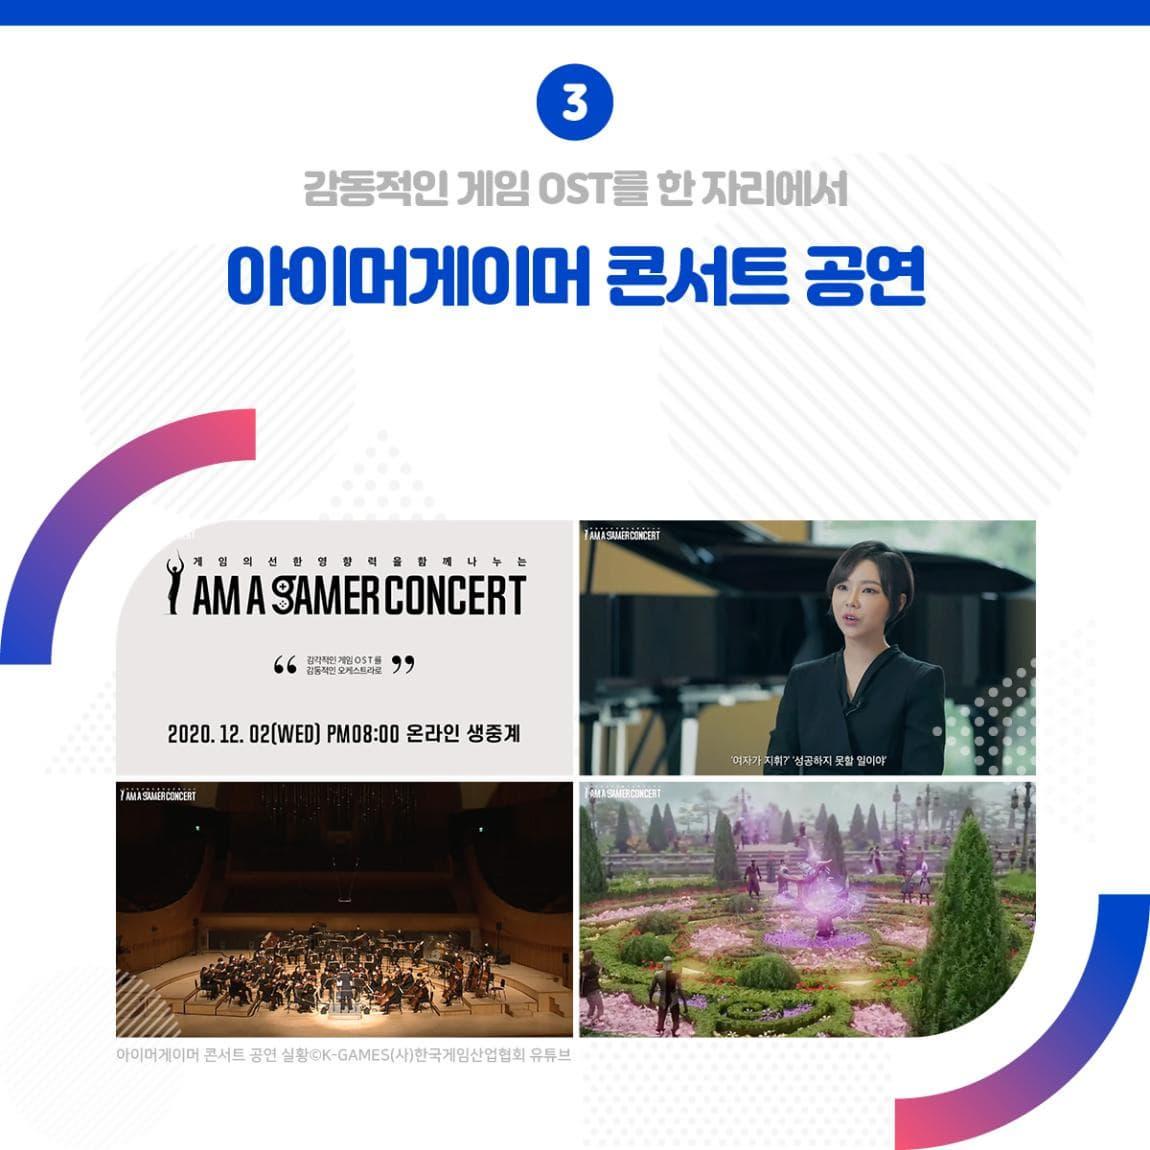 감동적인 게임 OST를 한 자리에서 <아이머게이머 콘서트 공연>